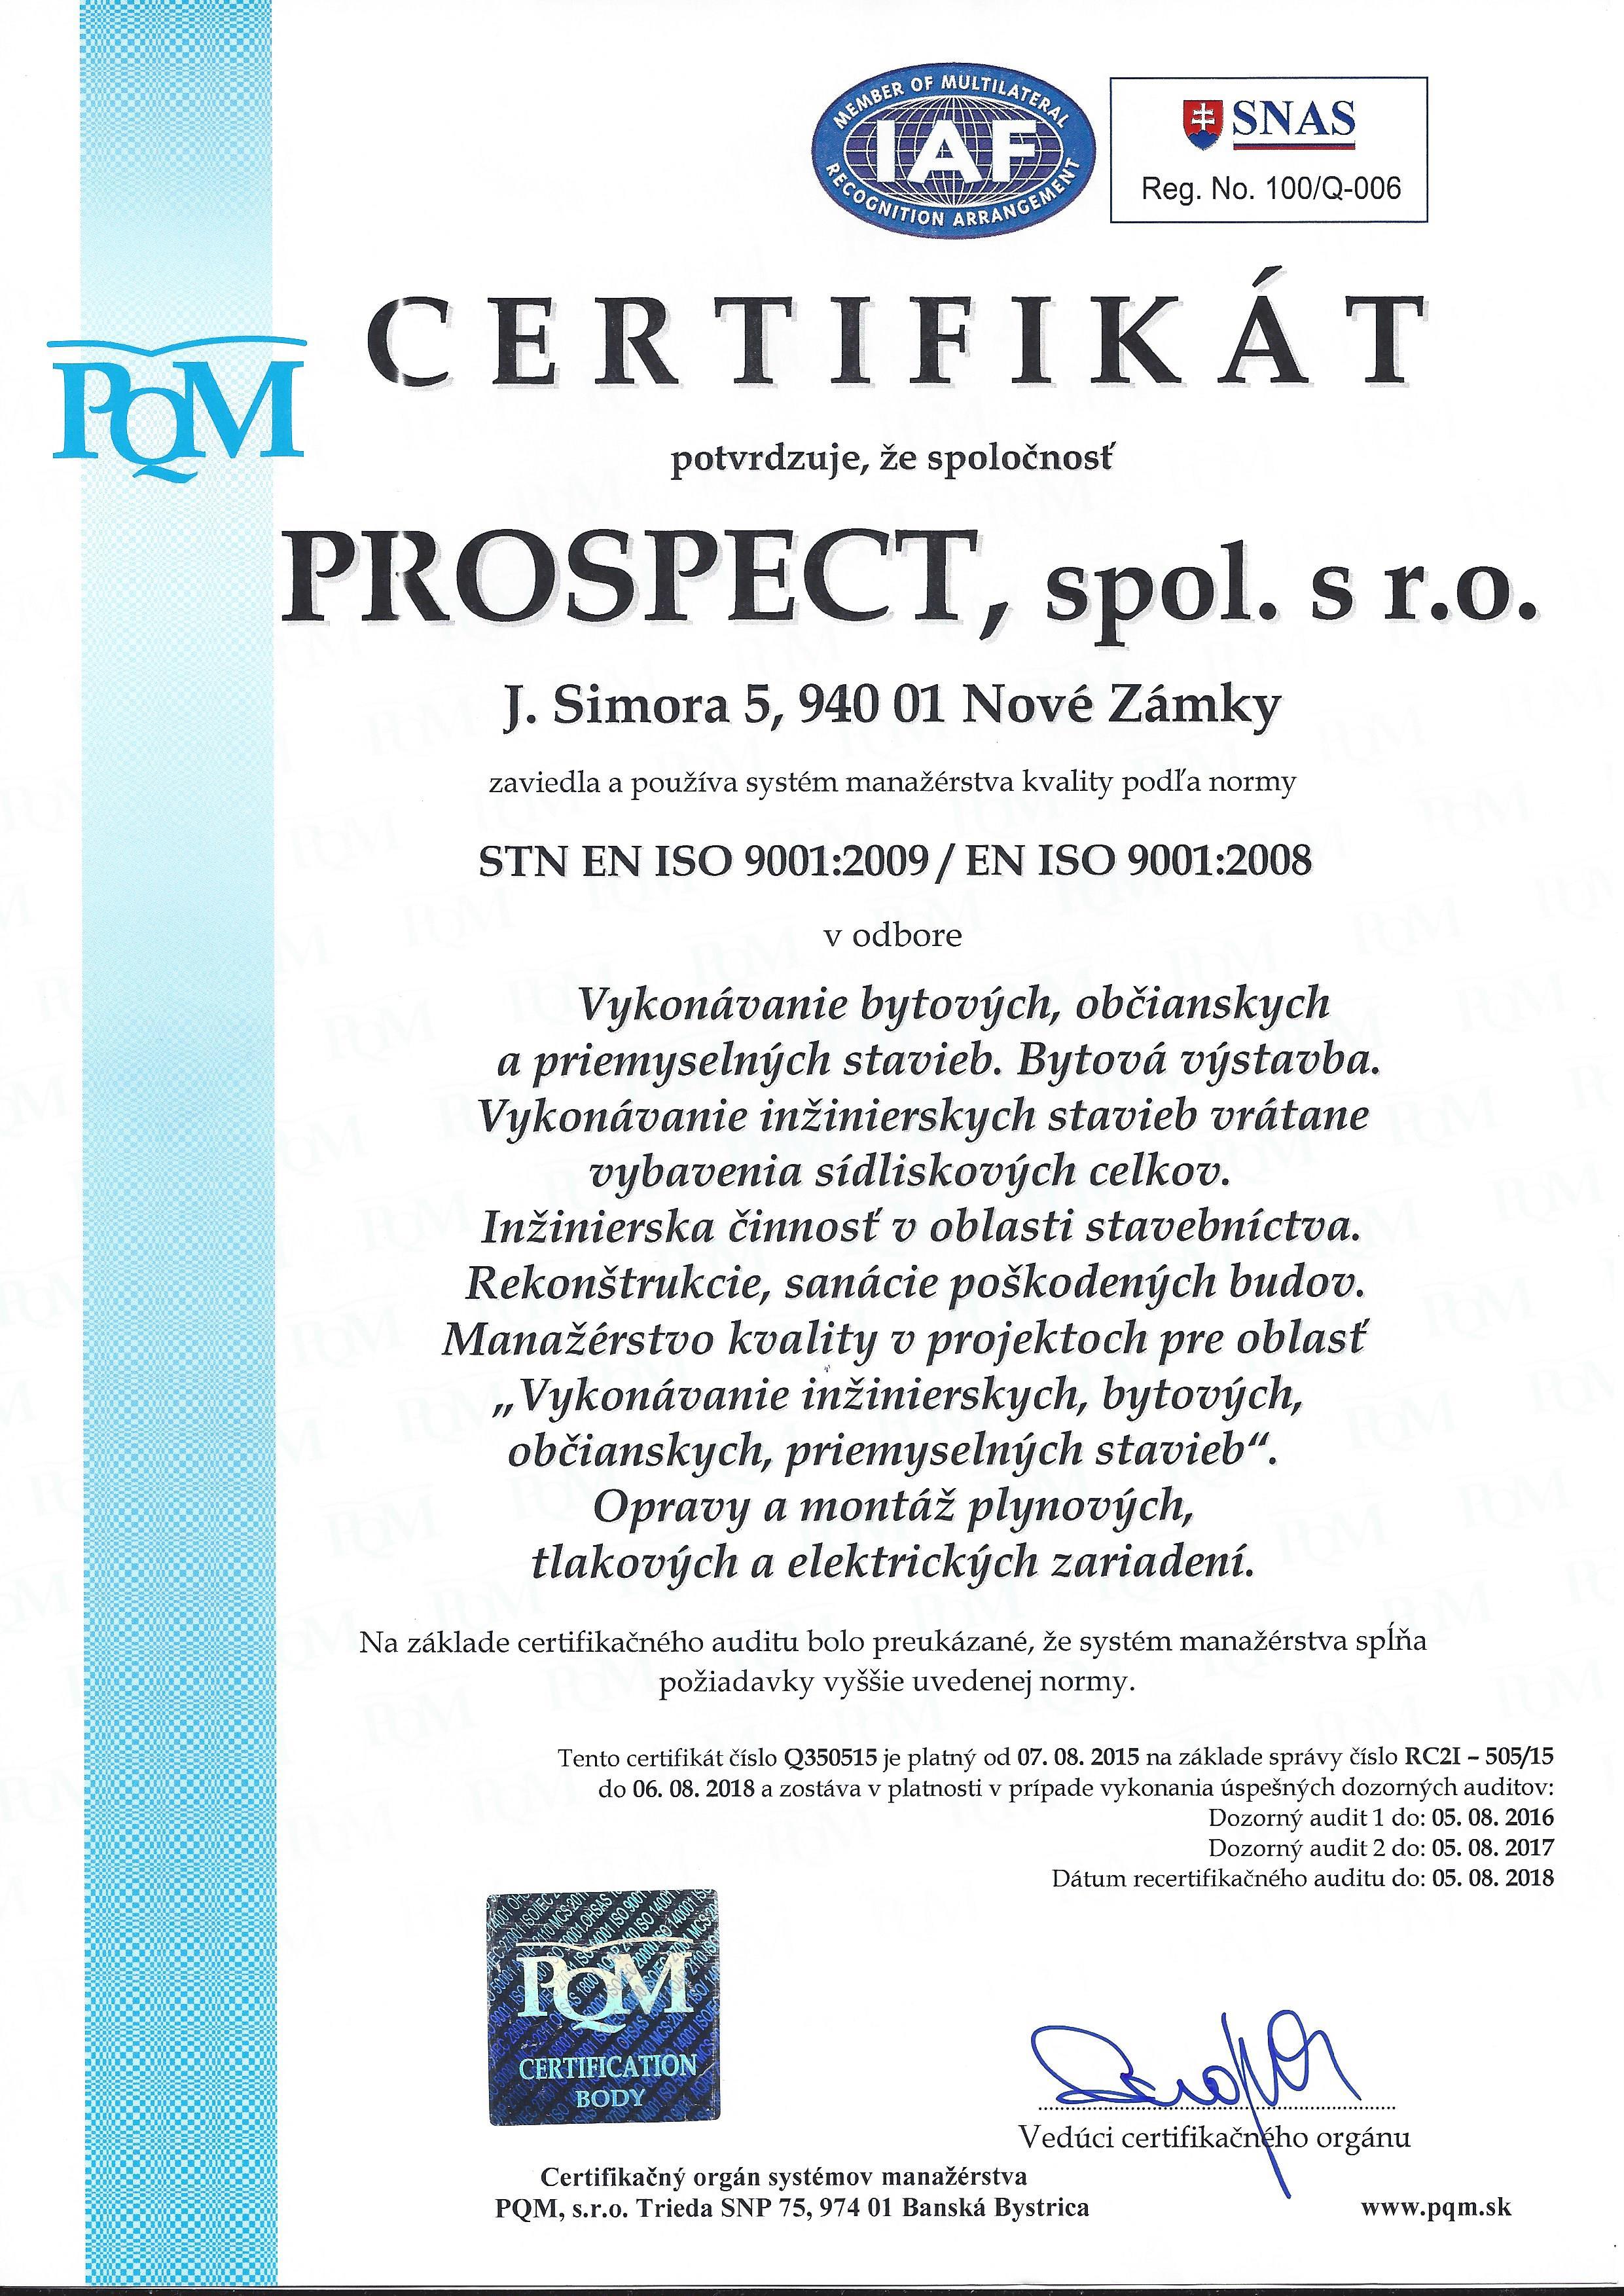 CERTIFIKÁT-STN-EN-ISO-9001-2009-EN-ISO-9001-2008